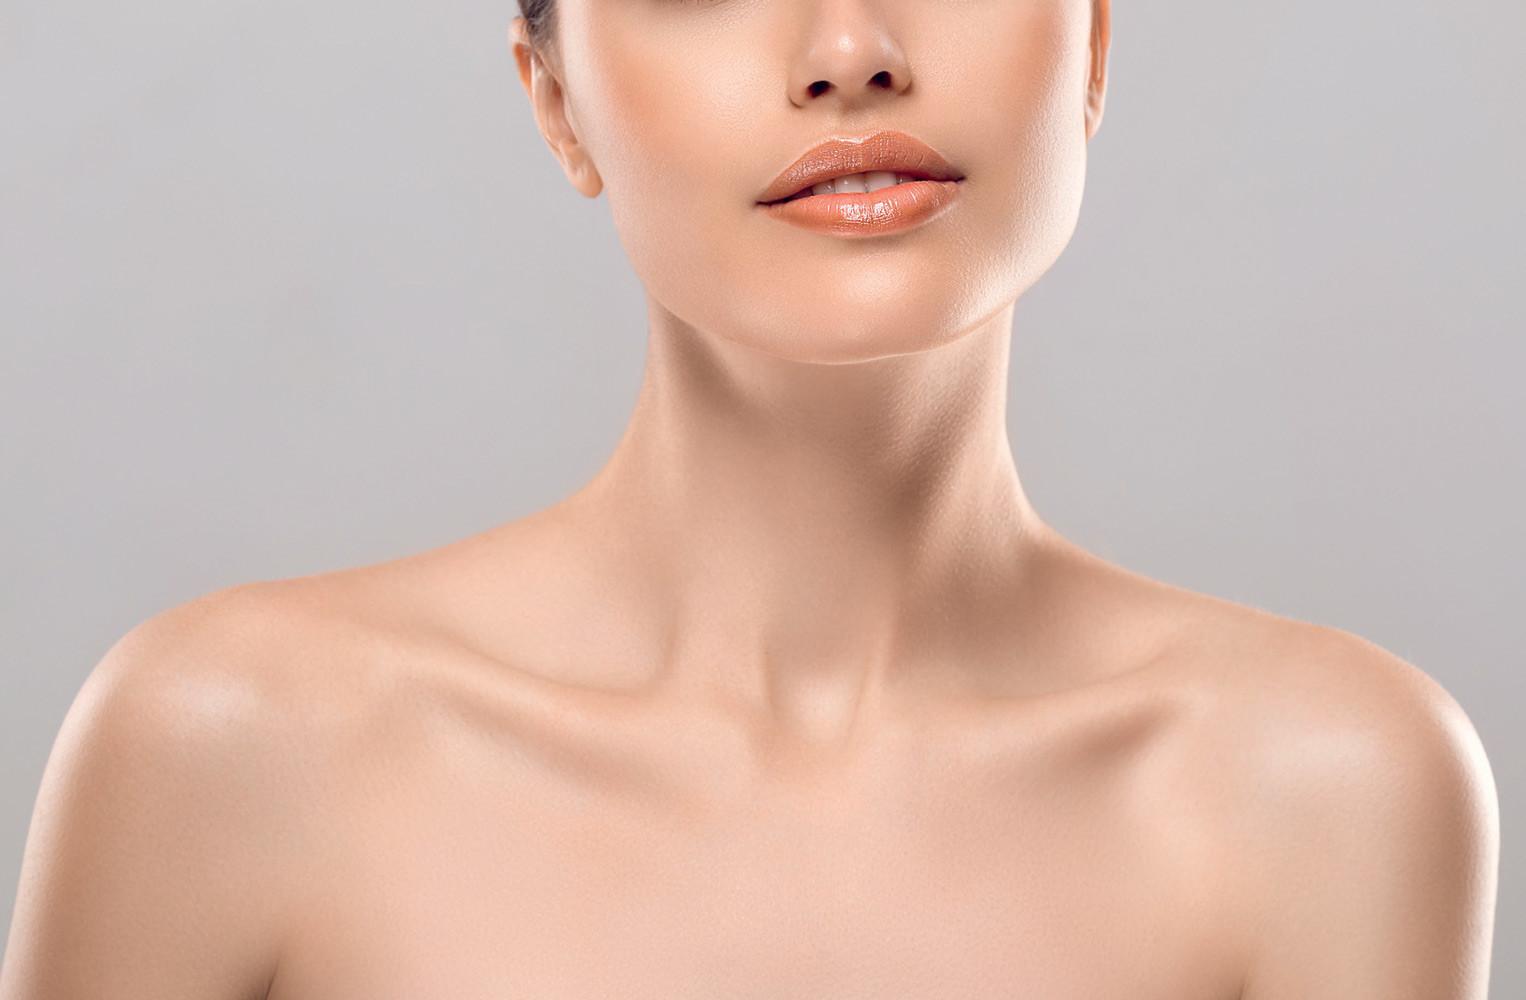 Морщины на шее: пошаговый уход за кожей и специальная зарядка